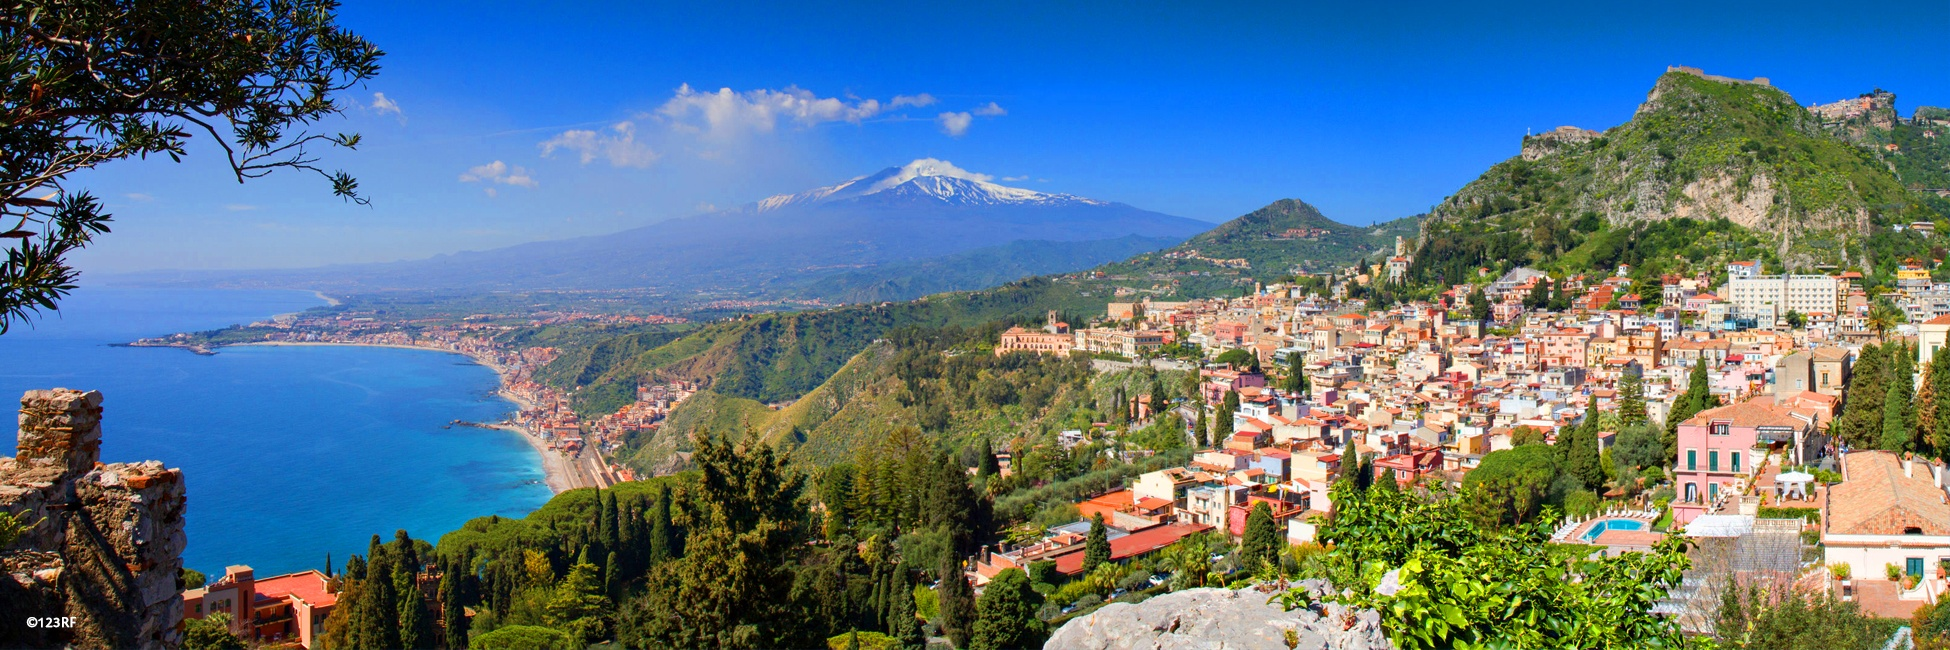 Etna, Sicile